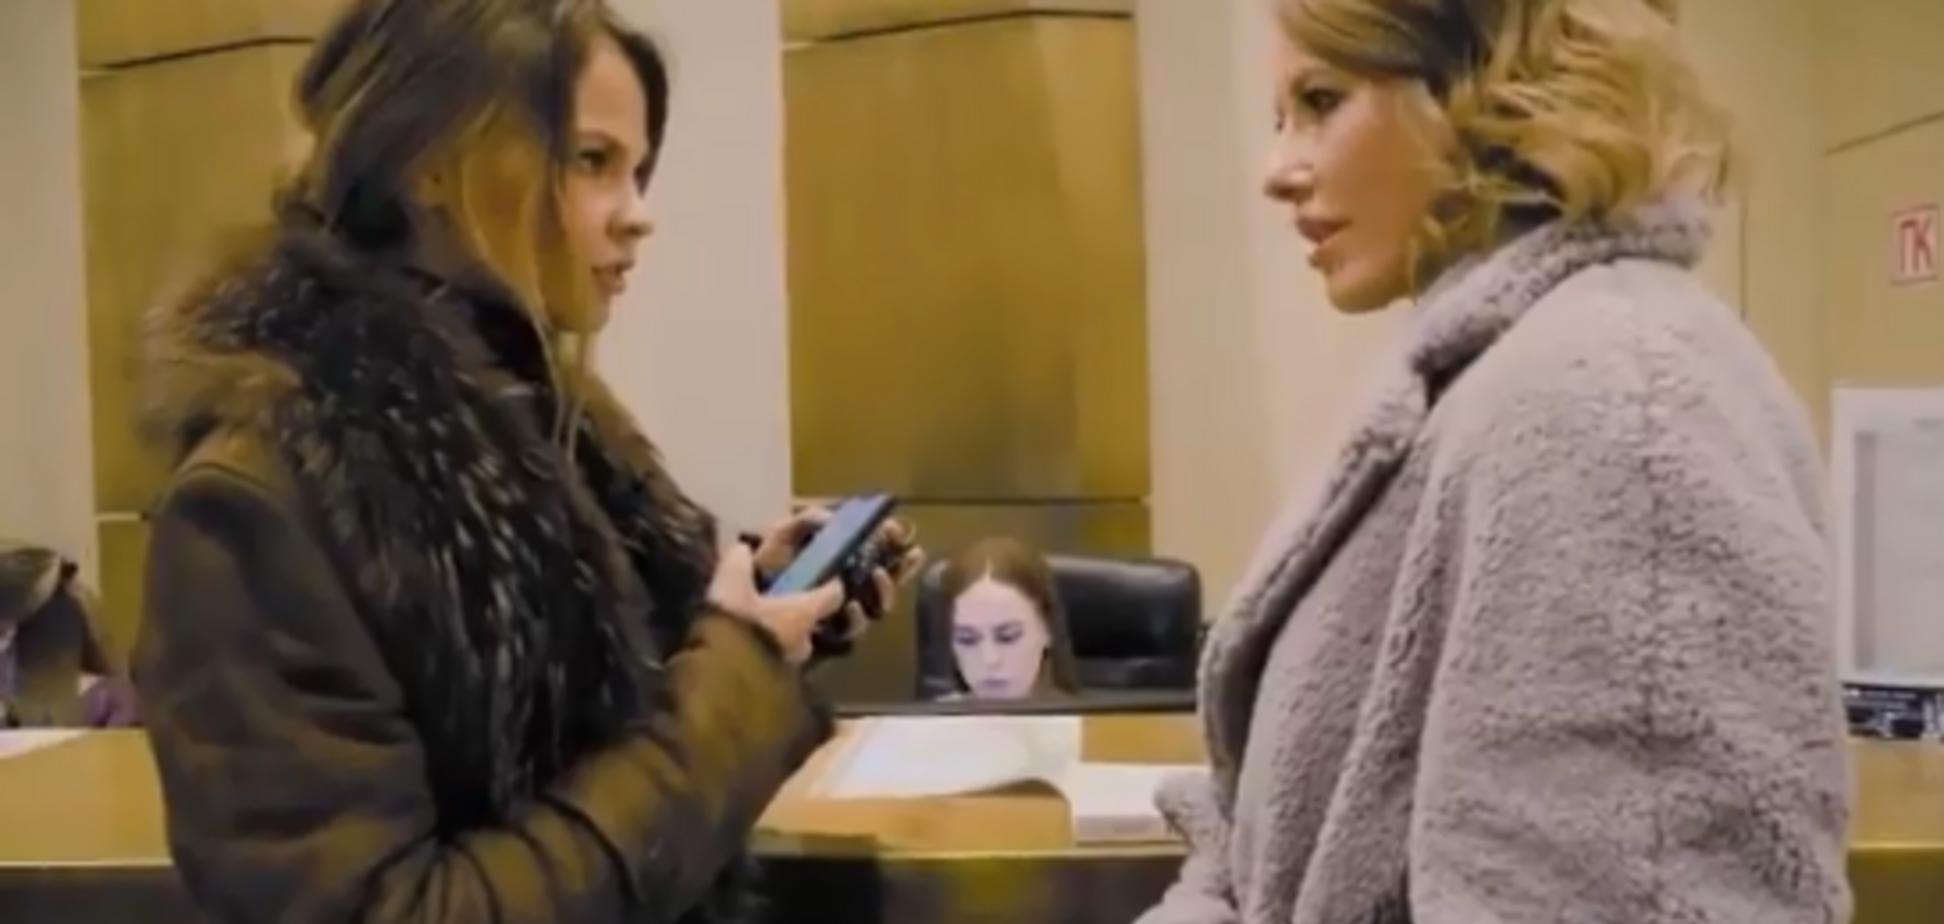 ''Откуда бабло?!'' Рыбка призналась Собчак в покровительстве Лукашенко. Видео